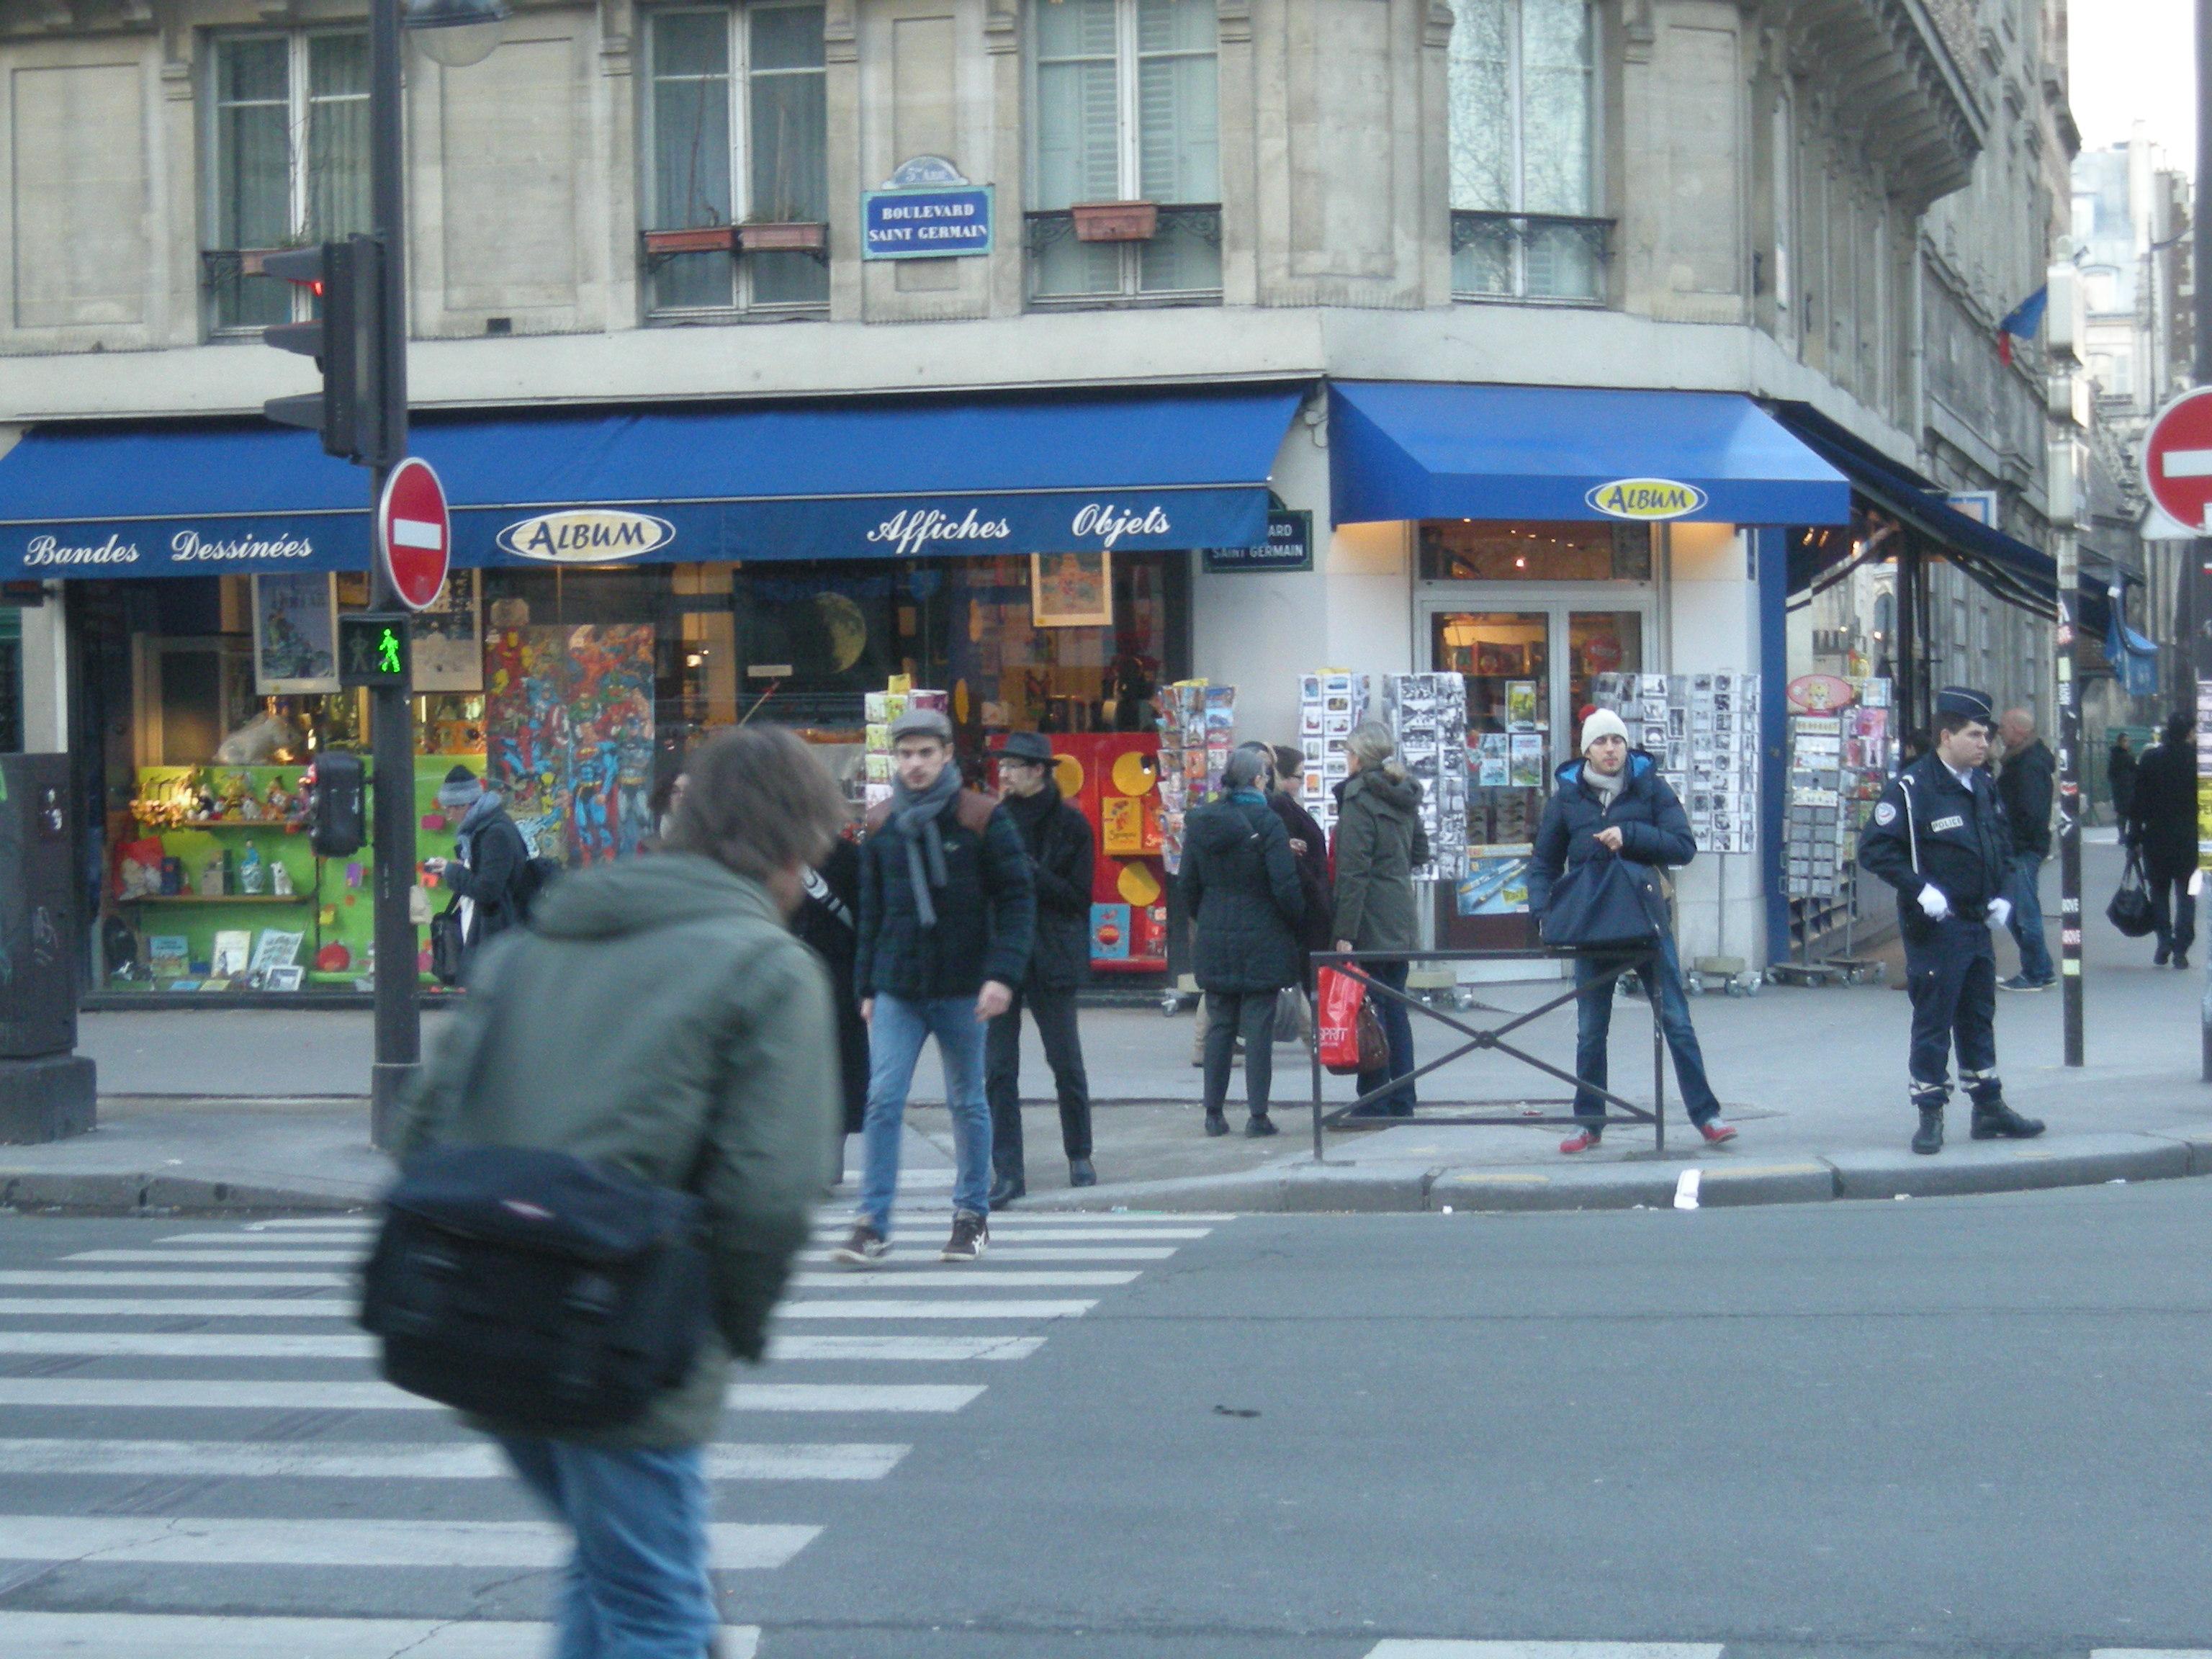 Album St Germain